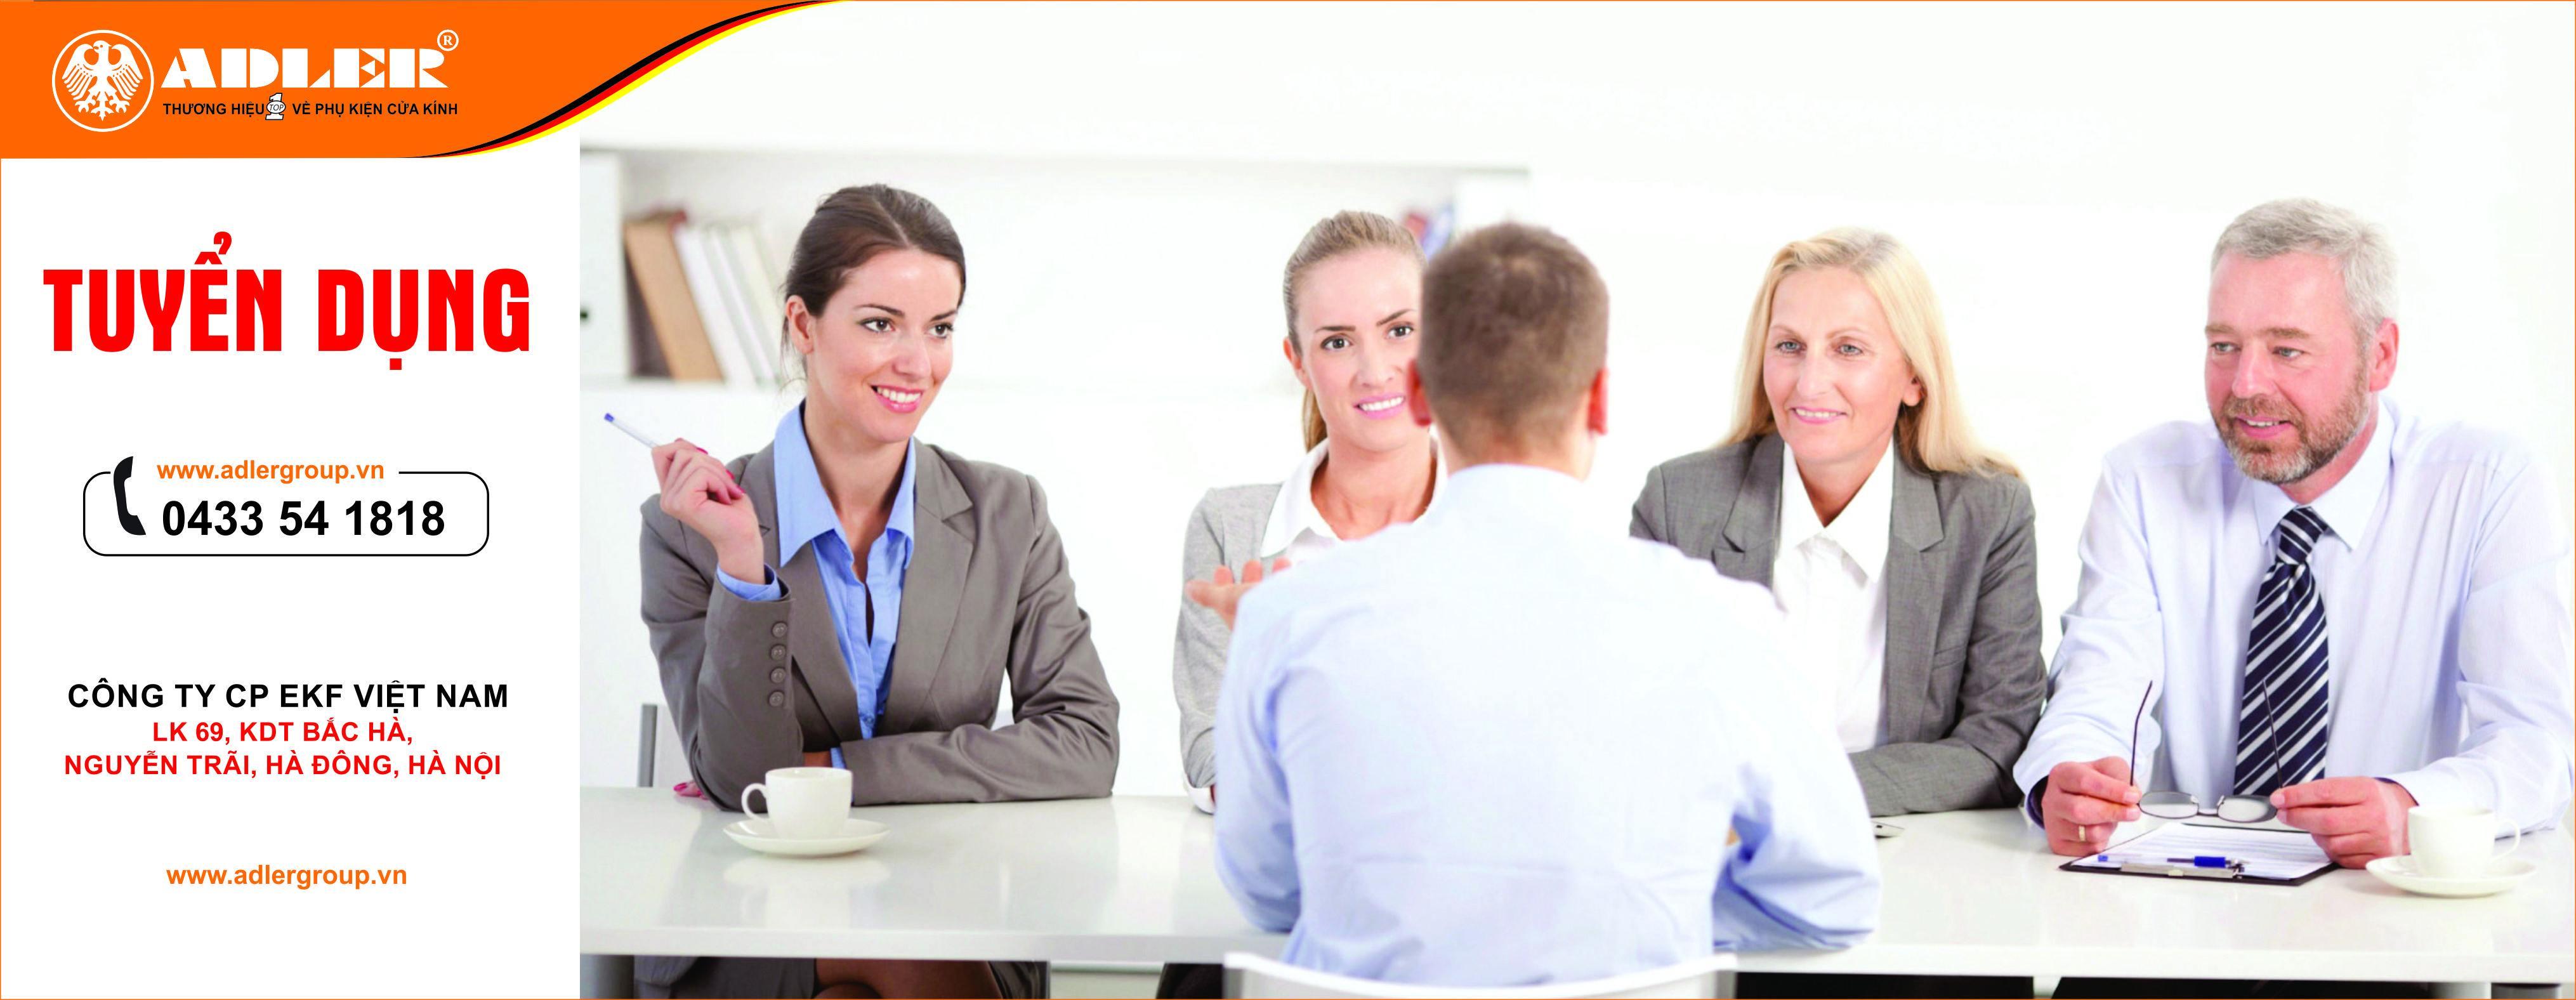 Những ứng viên còn cần phải có những phẩm chất riêng biệt để có thể vừa hoàn thành tốt công việc của mình, vừa có mối quan hệ tốt với đồng nghiệp và phù hợp cùng văn hóa công ty.